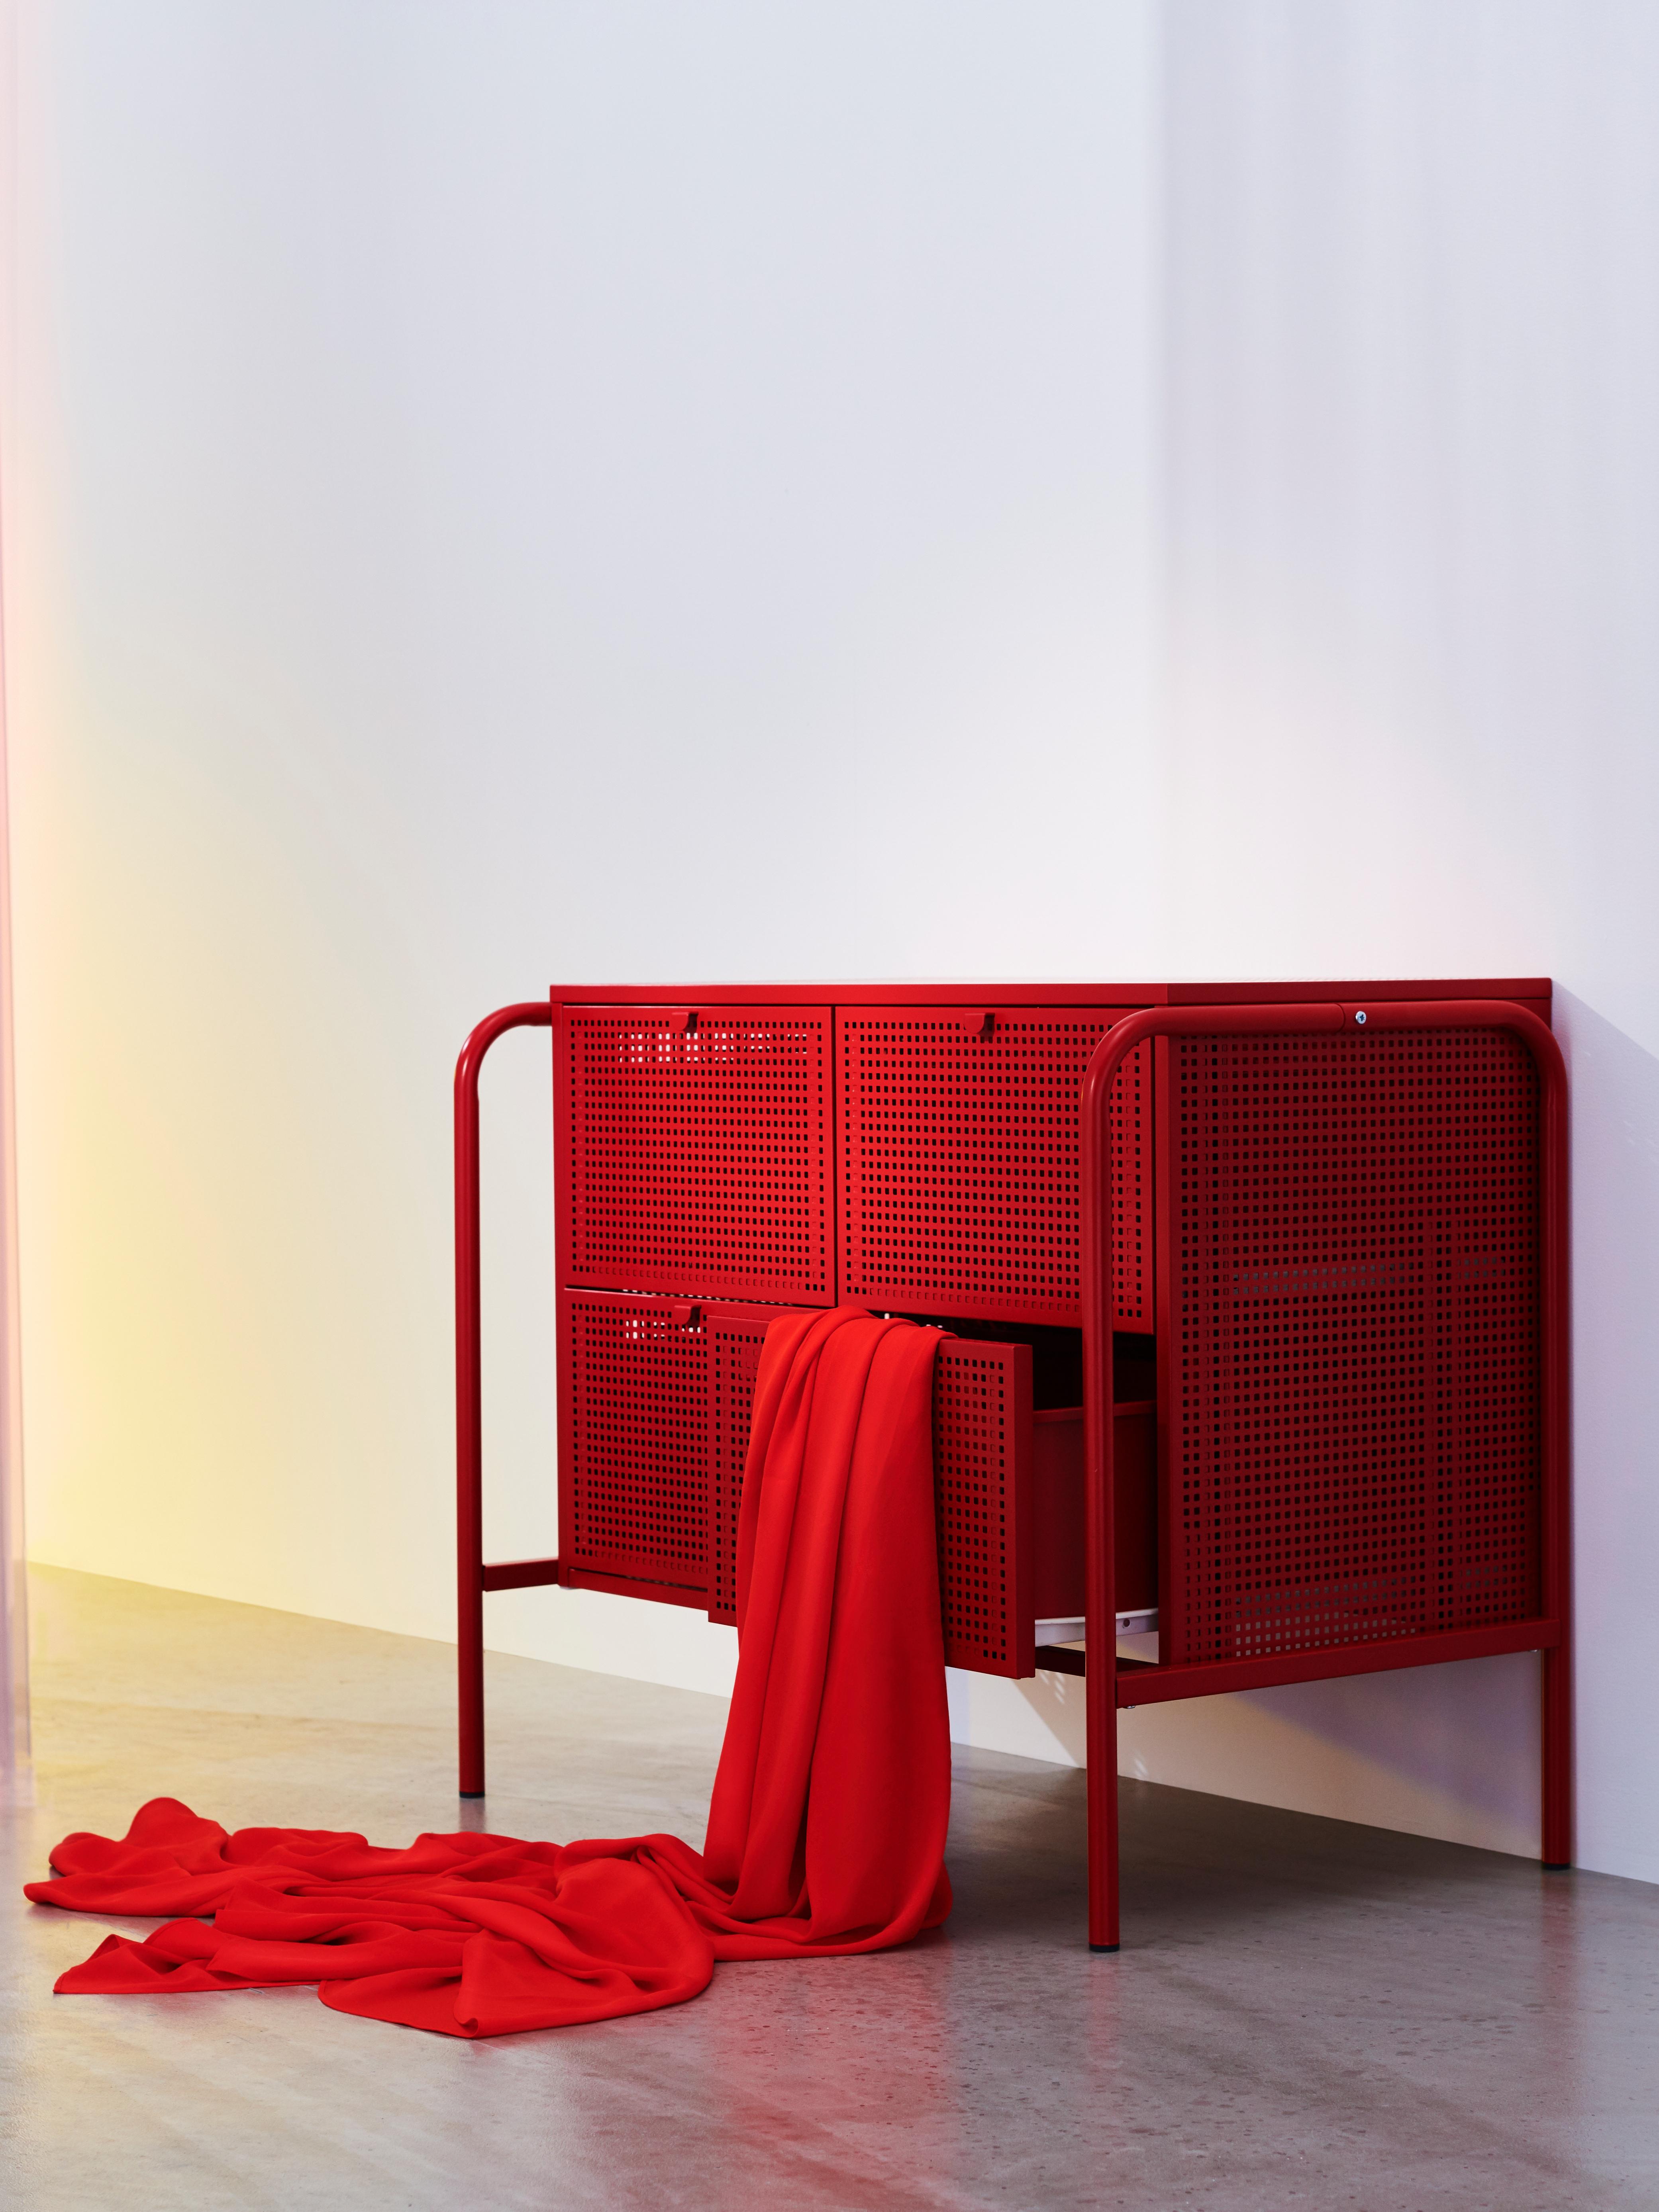 Crvena NIKKEBY komoda u industrijskom stilu s perforiranim metalom, izrađena za odlaganje.